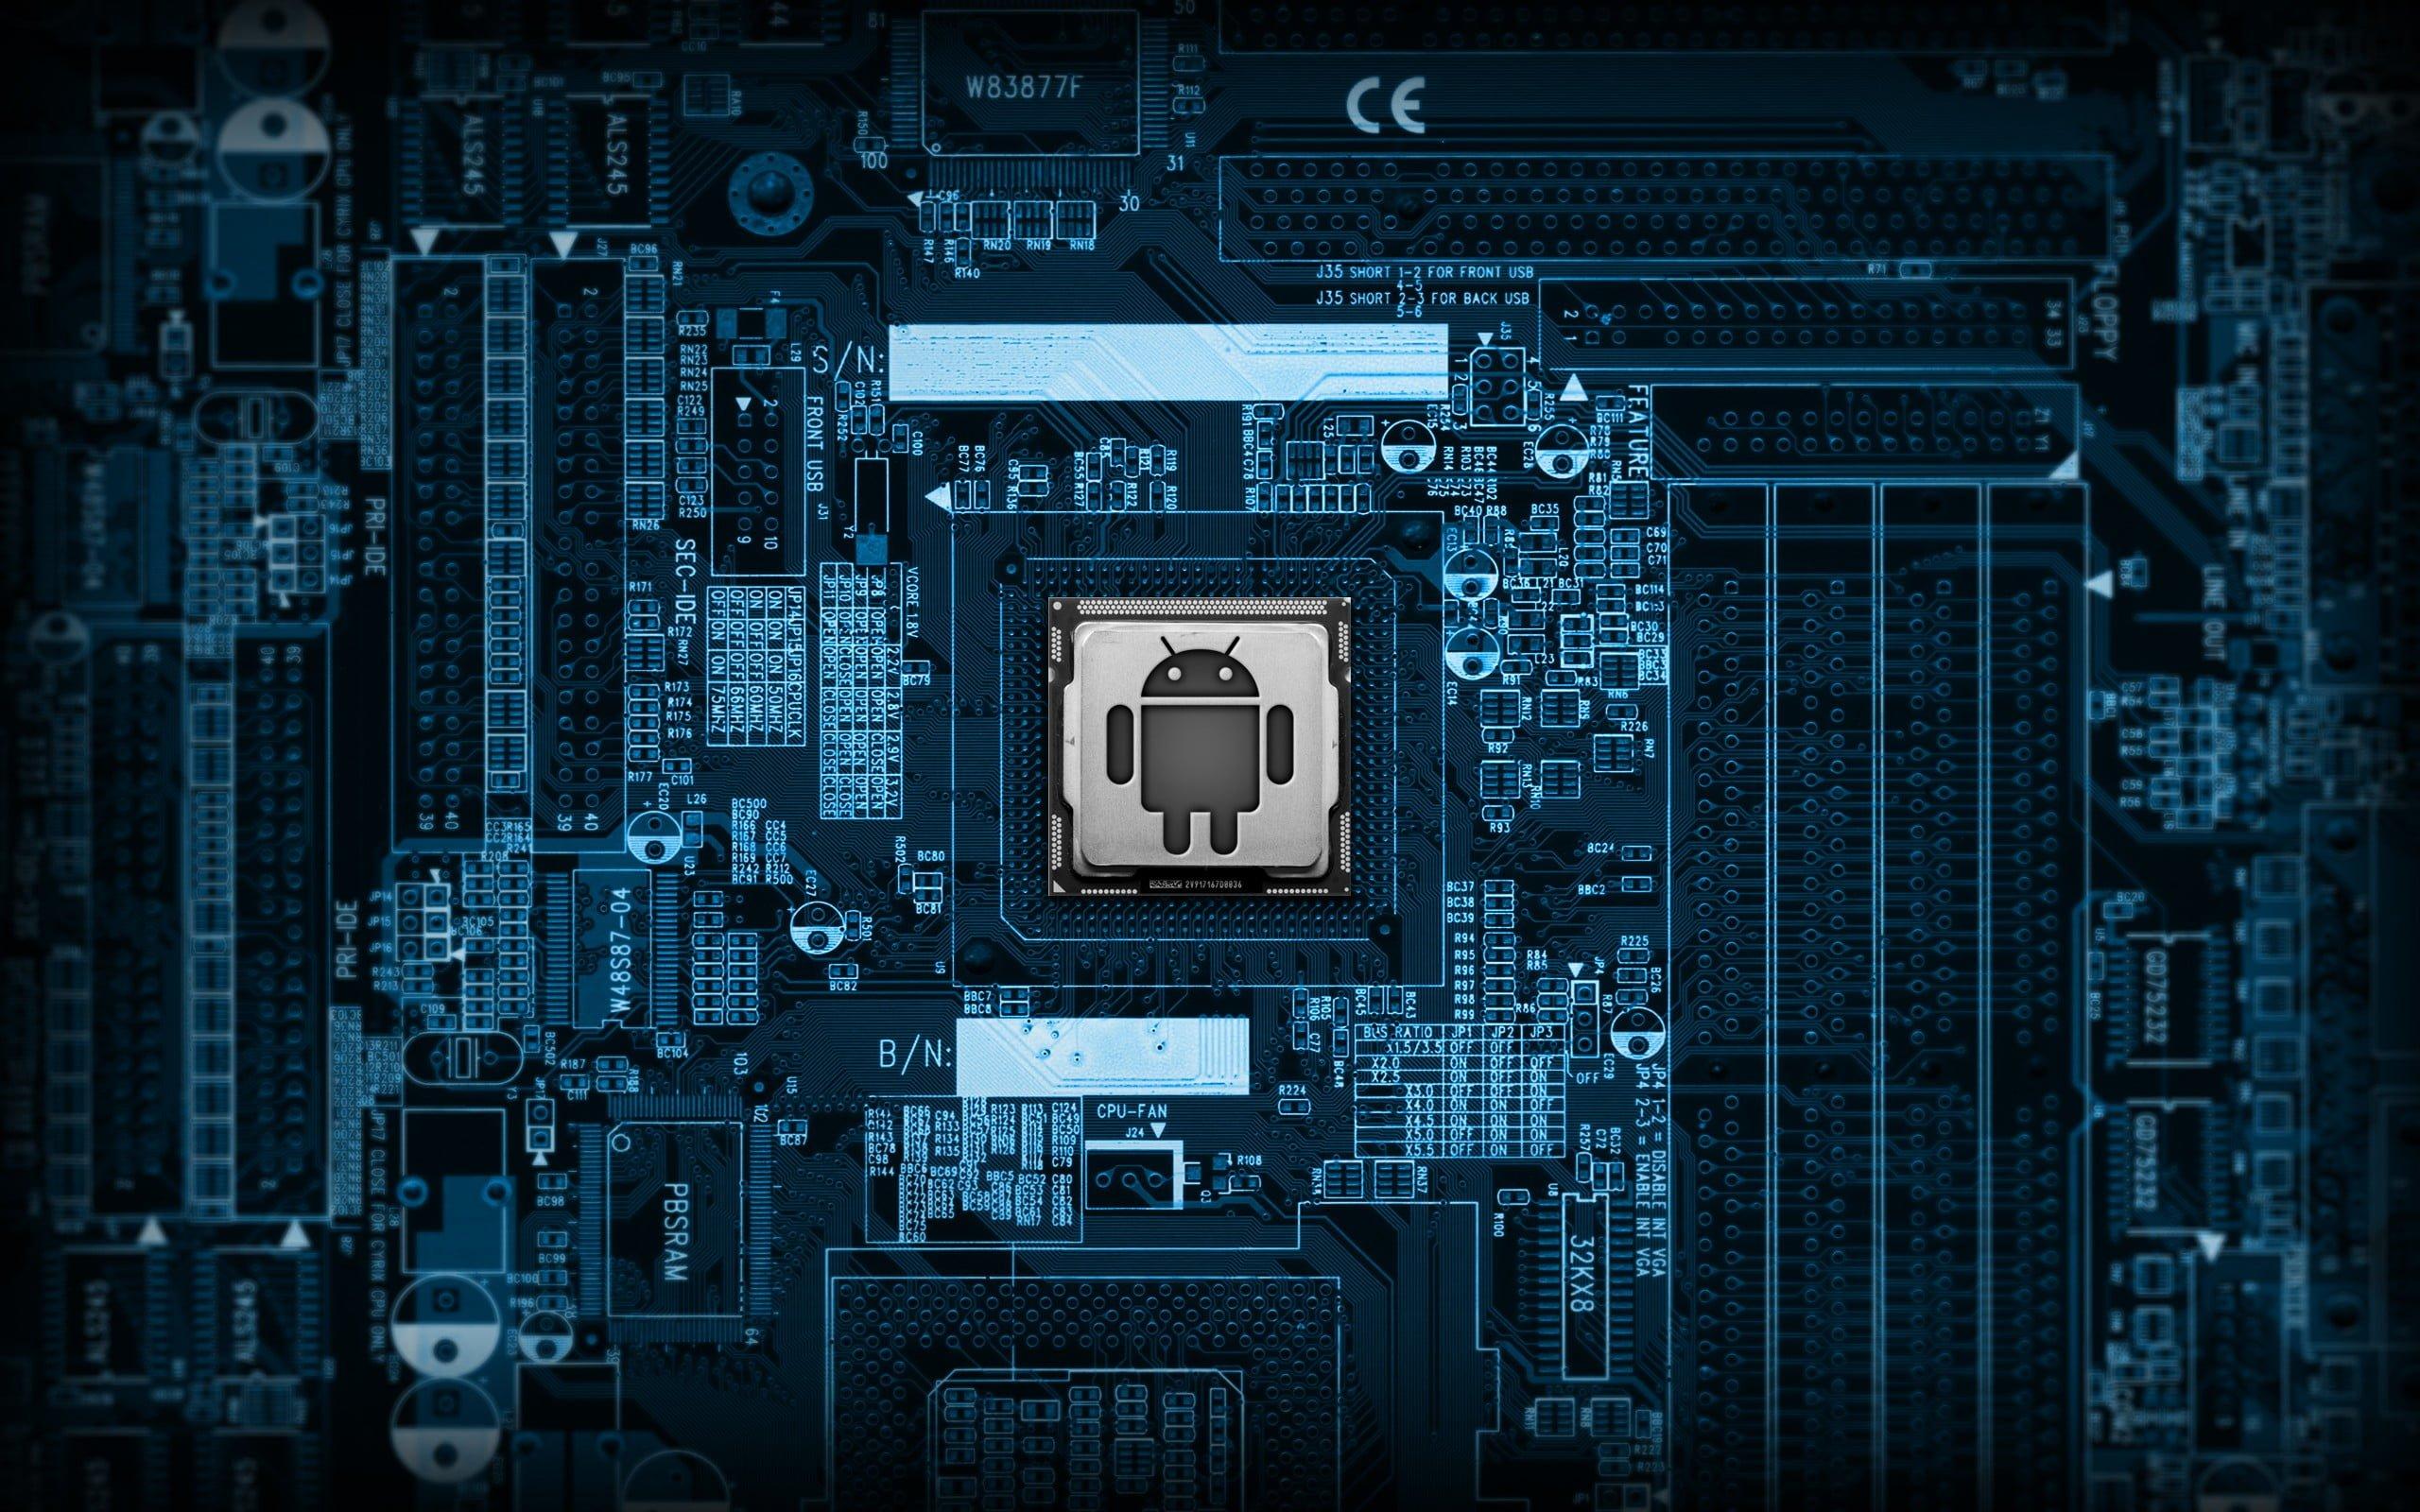 bilgisayarınıza Android Yükleyin bilgisayarınıza android yükleyin Bilgisayarınıza Android Yükleyin android live wallpaper